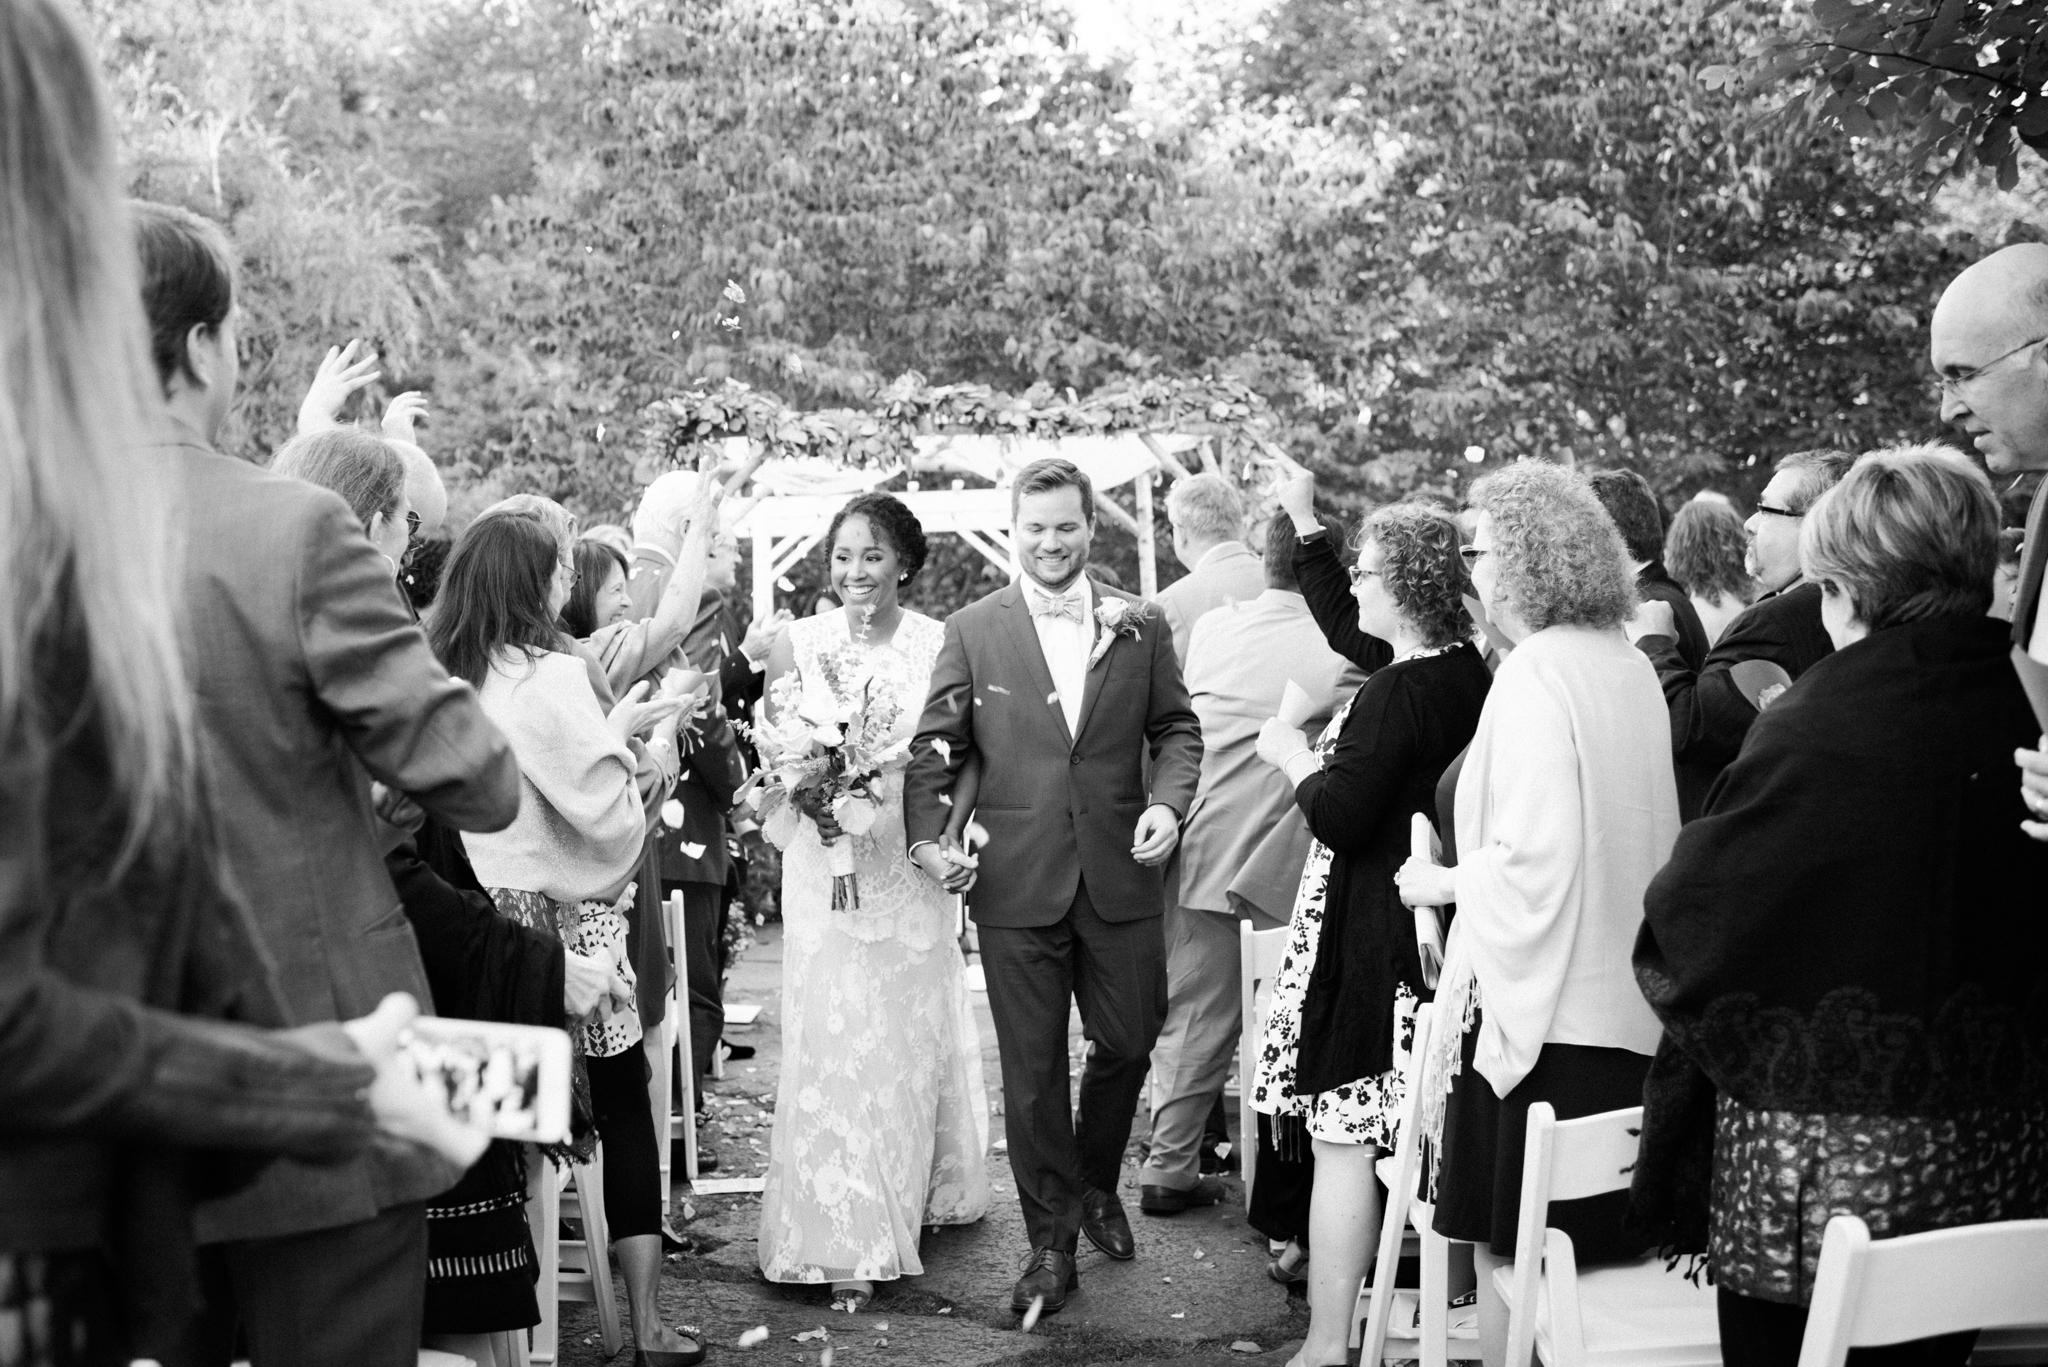 Amhest MA Wedding Photographer